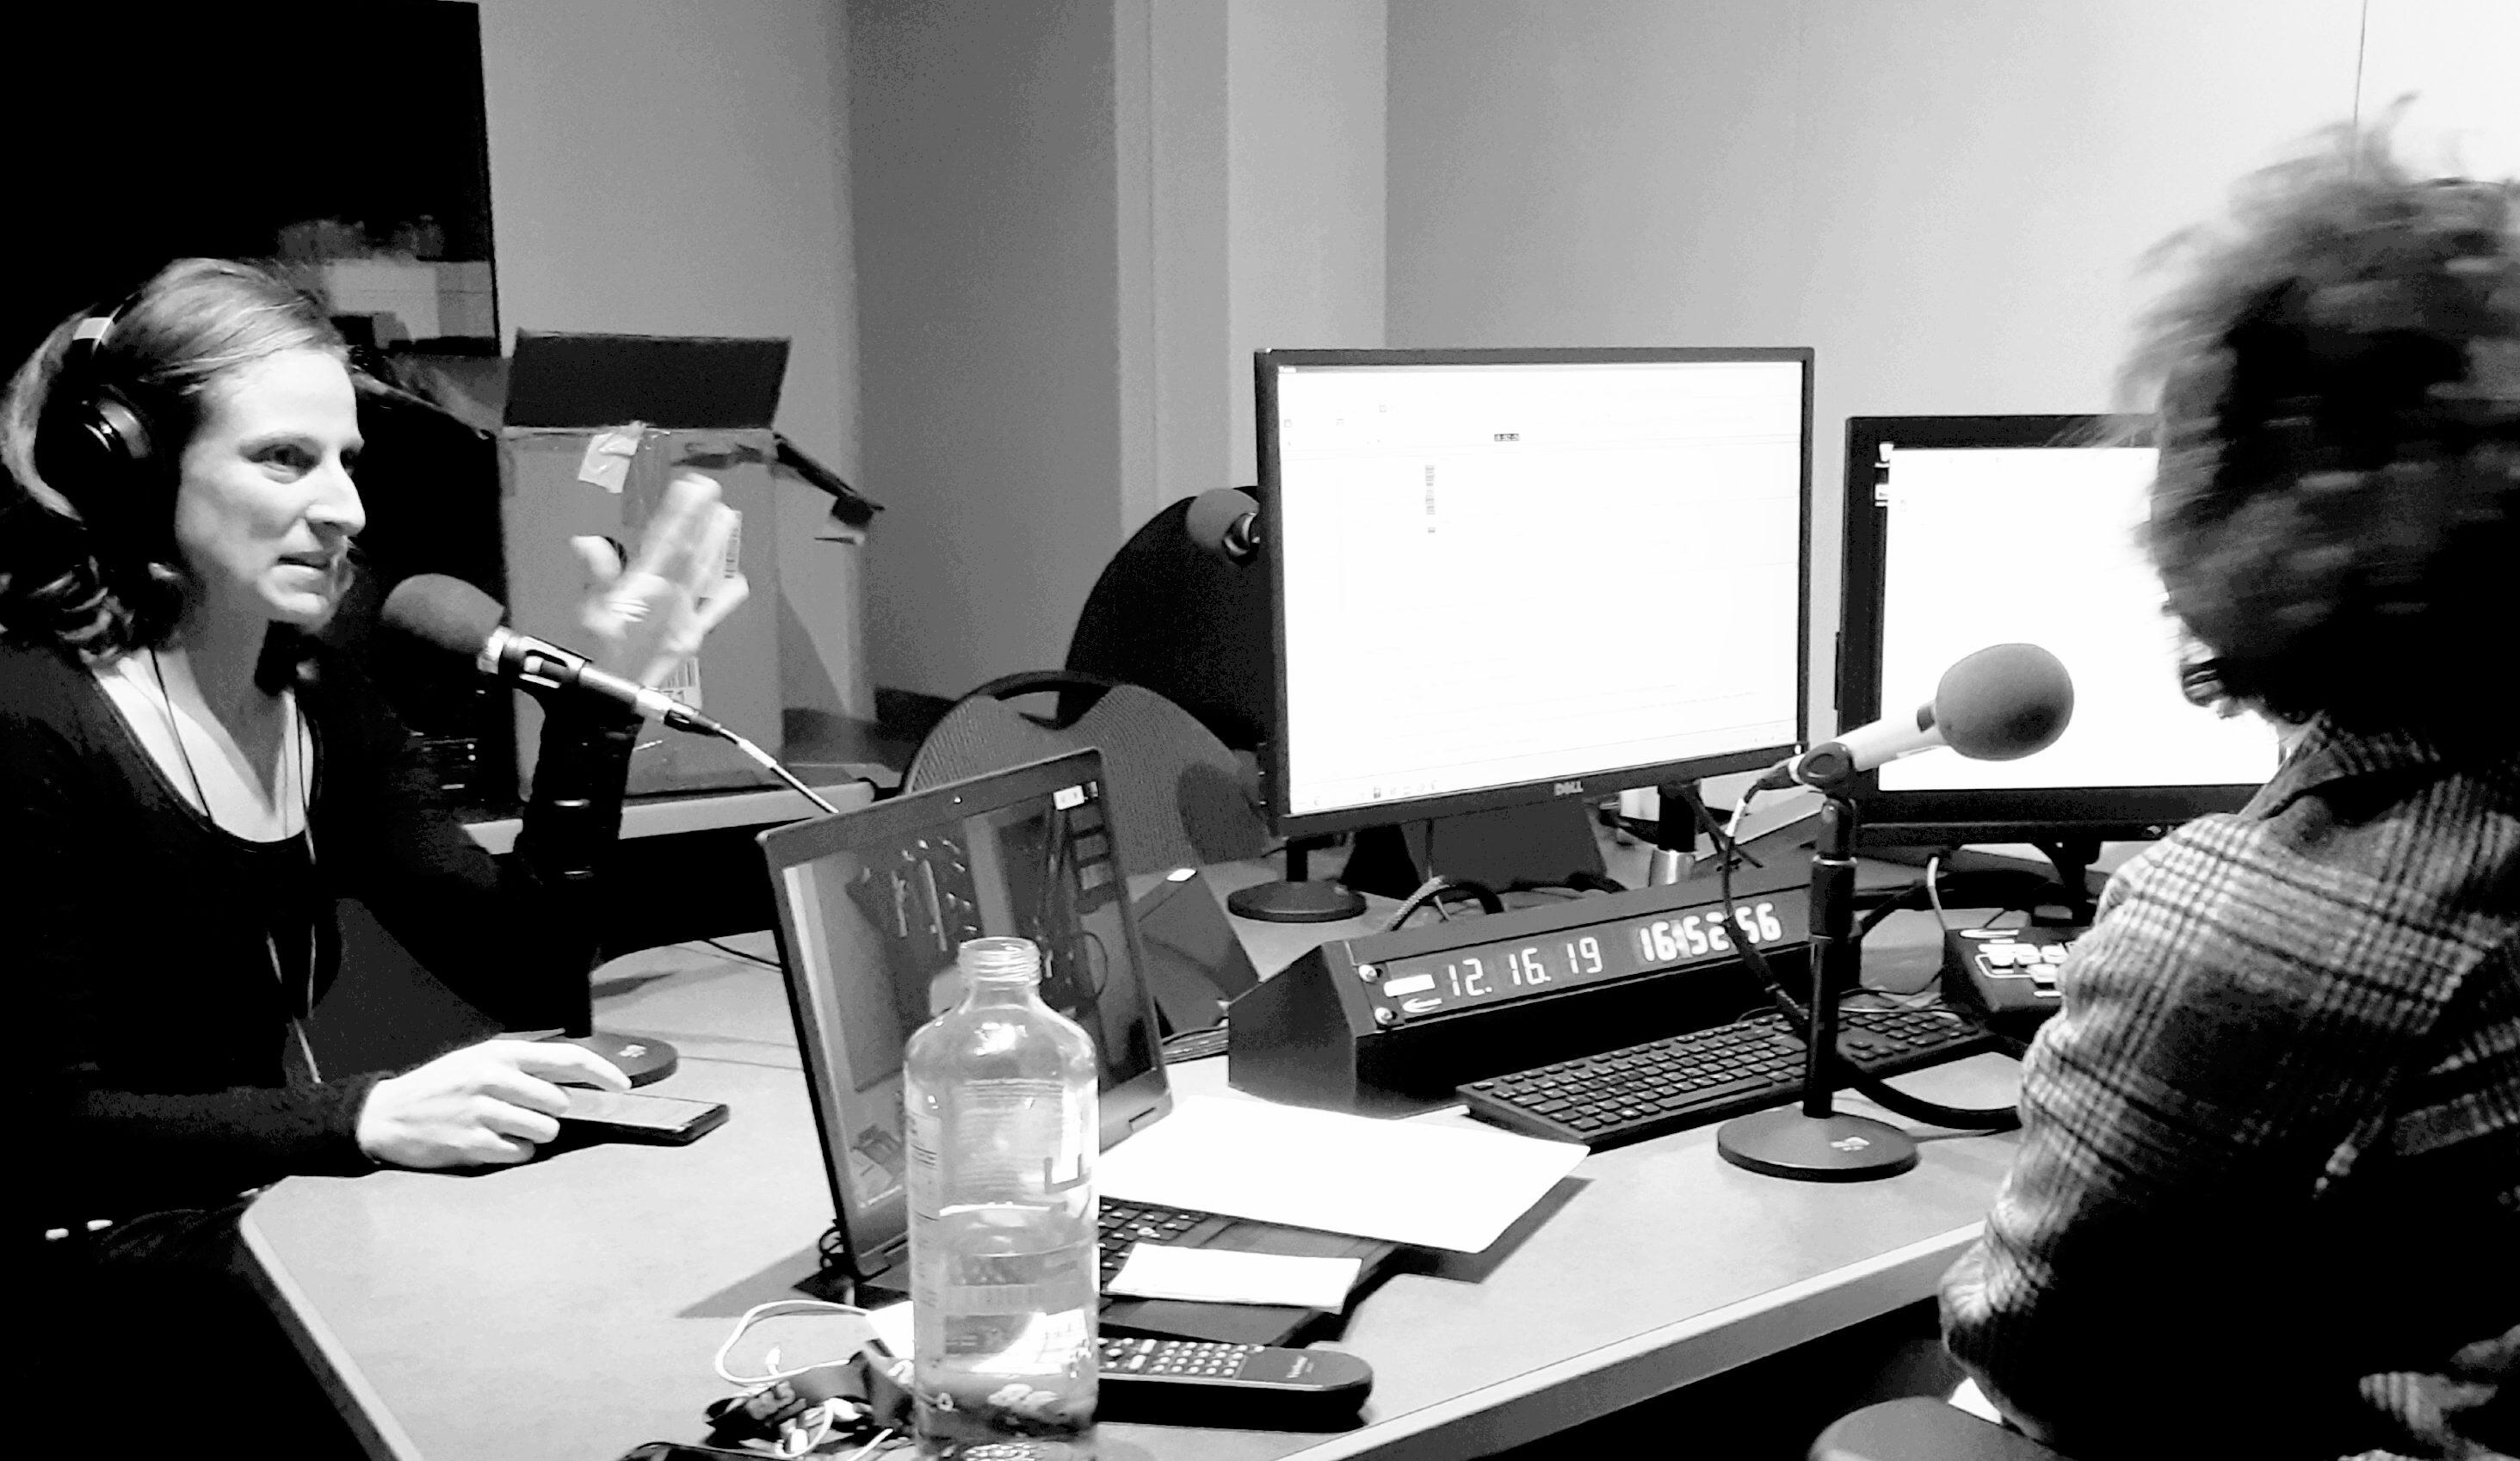 107.7 ESTRIE | JEAN GODBOUT A ÉTÉ DÉCLARÉ COUPABLE DE COMMUNICATIONS HARASSANTES ENVERS LA DÉPUTÉE DE SHERBROOKE CHRISTINE LABRIE